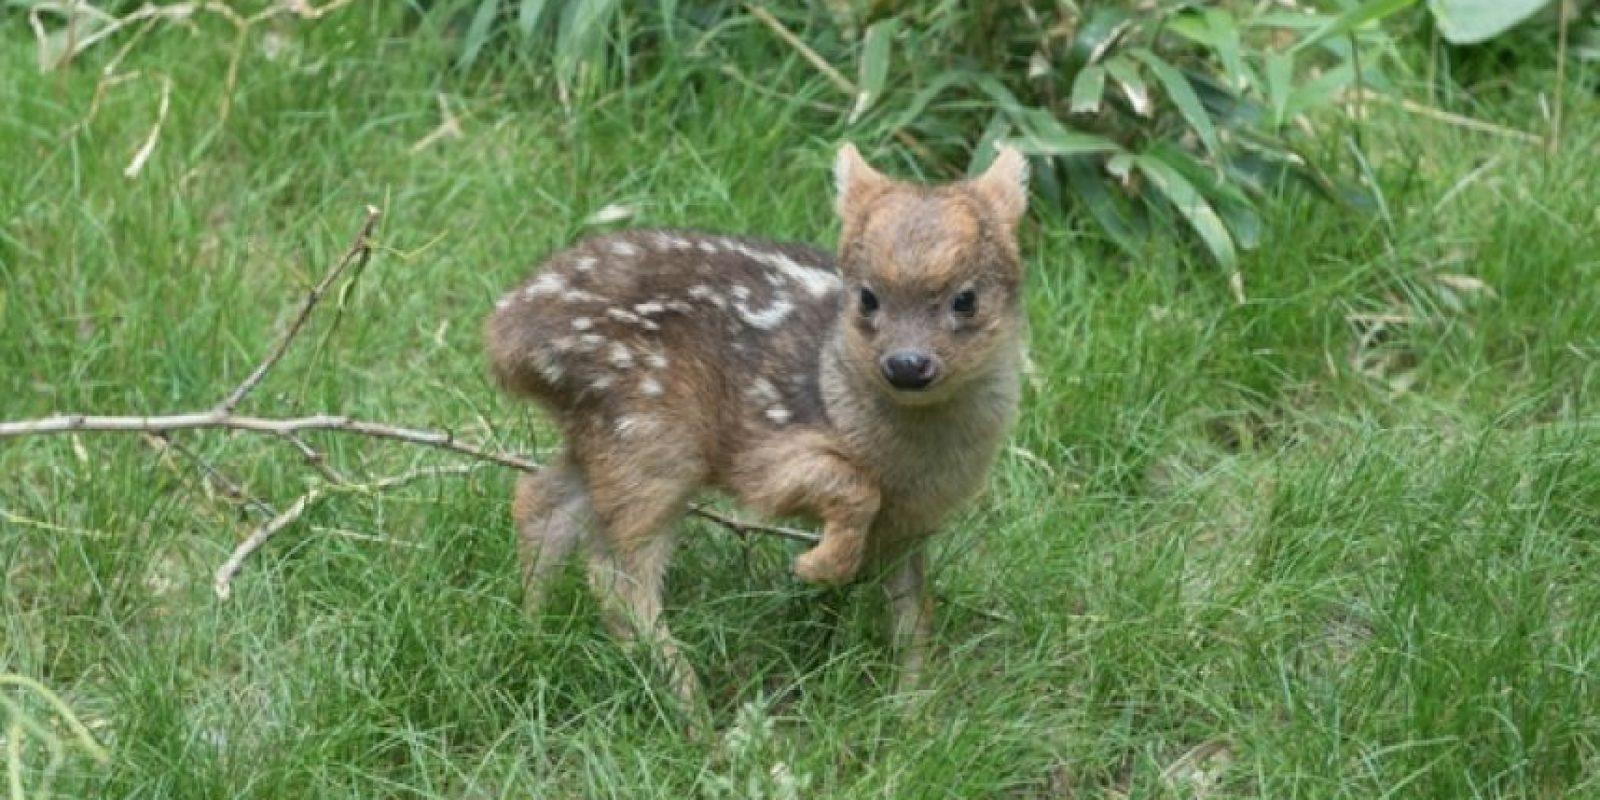 Conozcan al pequeño pudú que nació en el zoológico de Nueva York. Foto:Via wcs.org